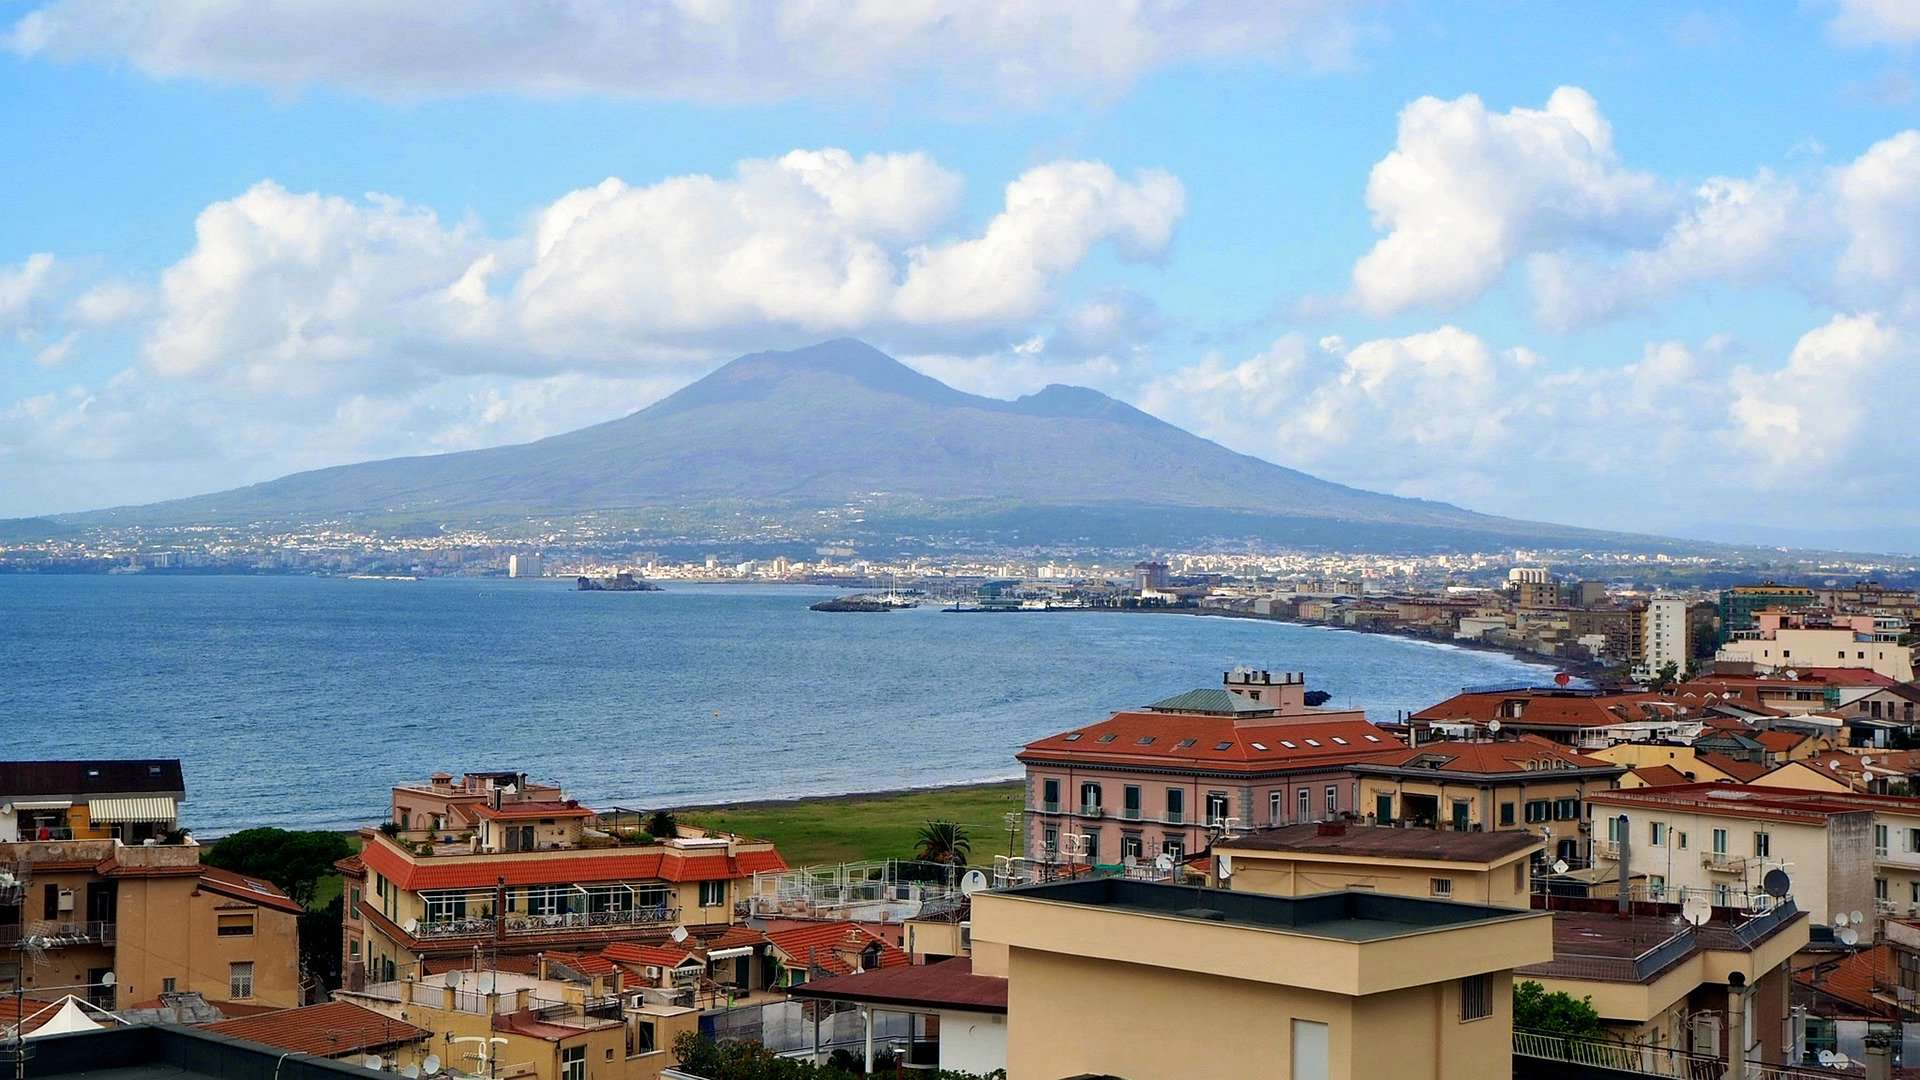 Flüge nach Neapel nur 10,00€ - Kampanien Urlaub günstig